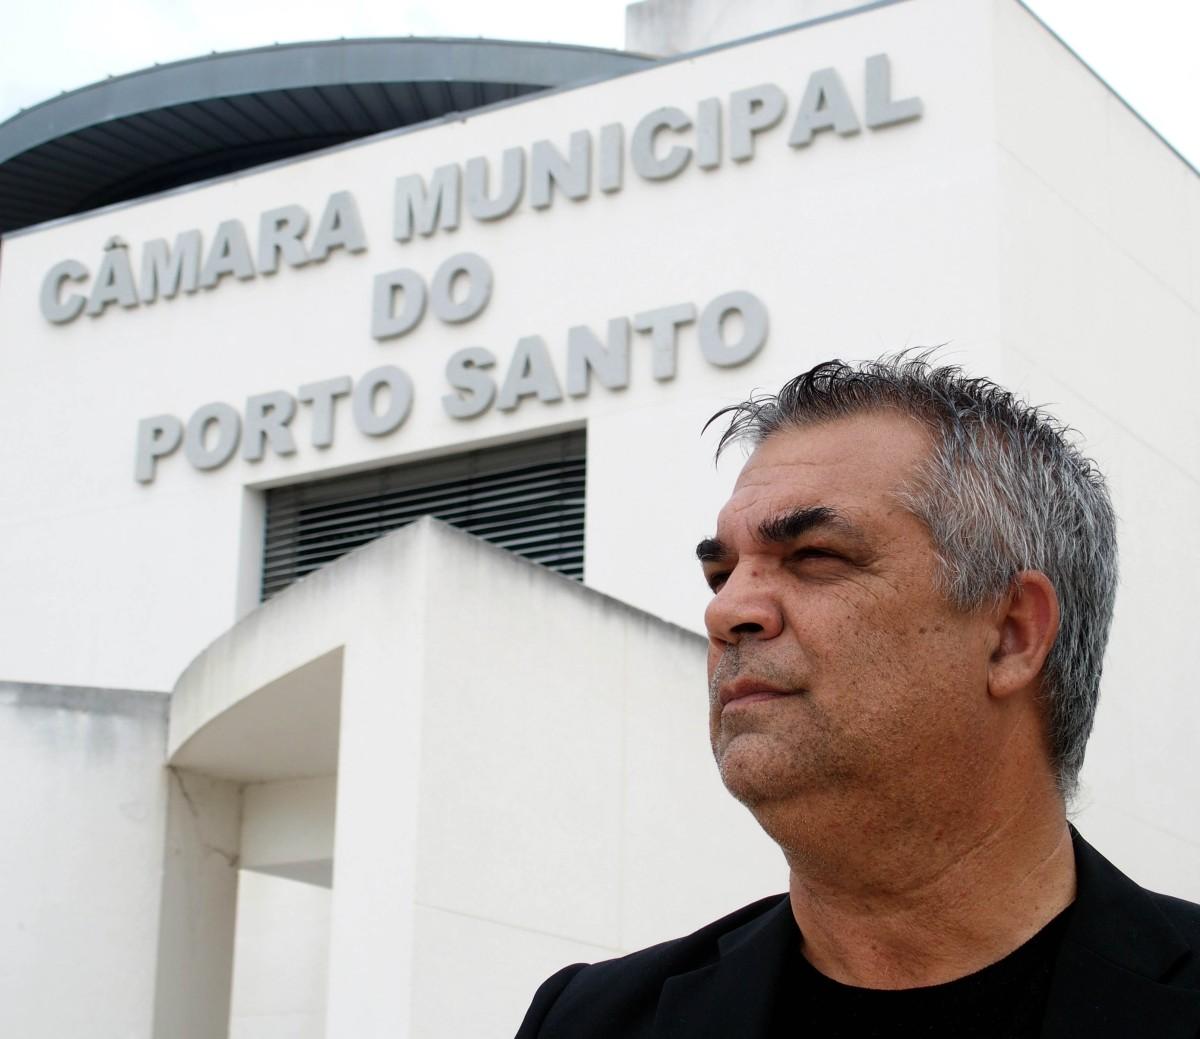 """Castro denuncia """"campanha difamatória"""" e promete para o Porto Santo o """"caminho da verdade"""""""